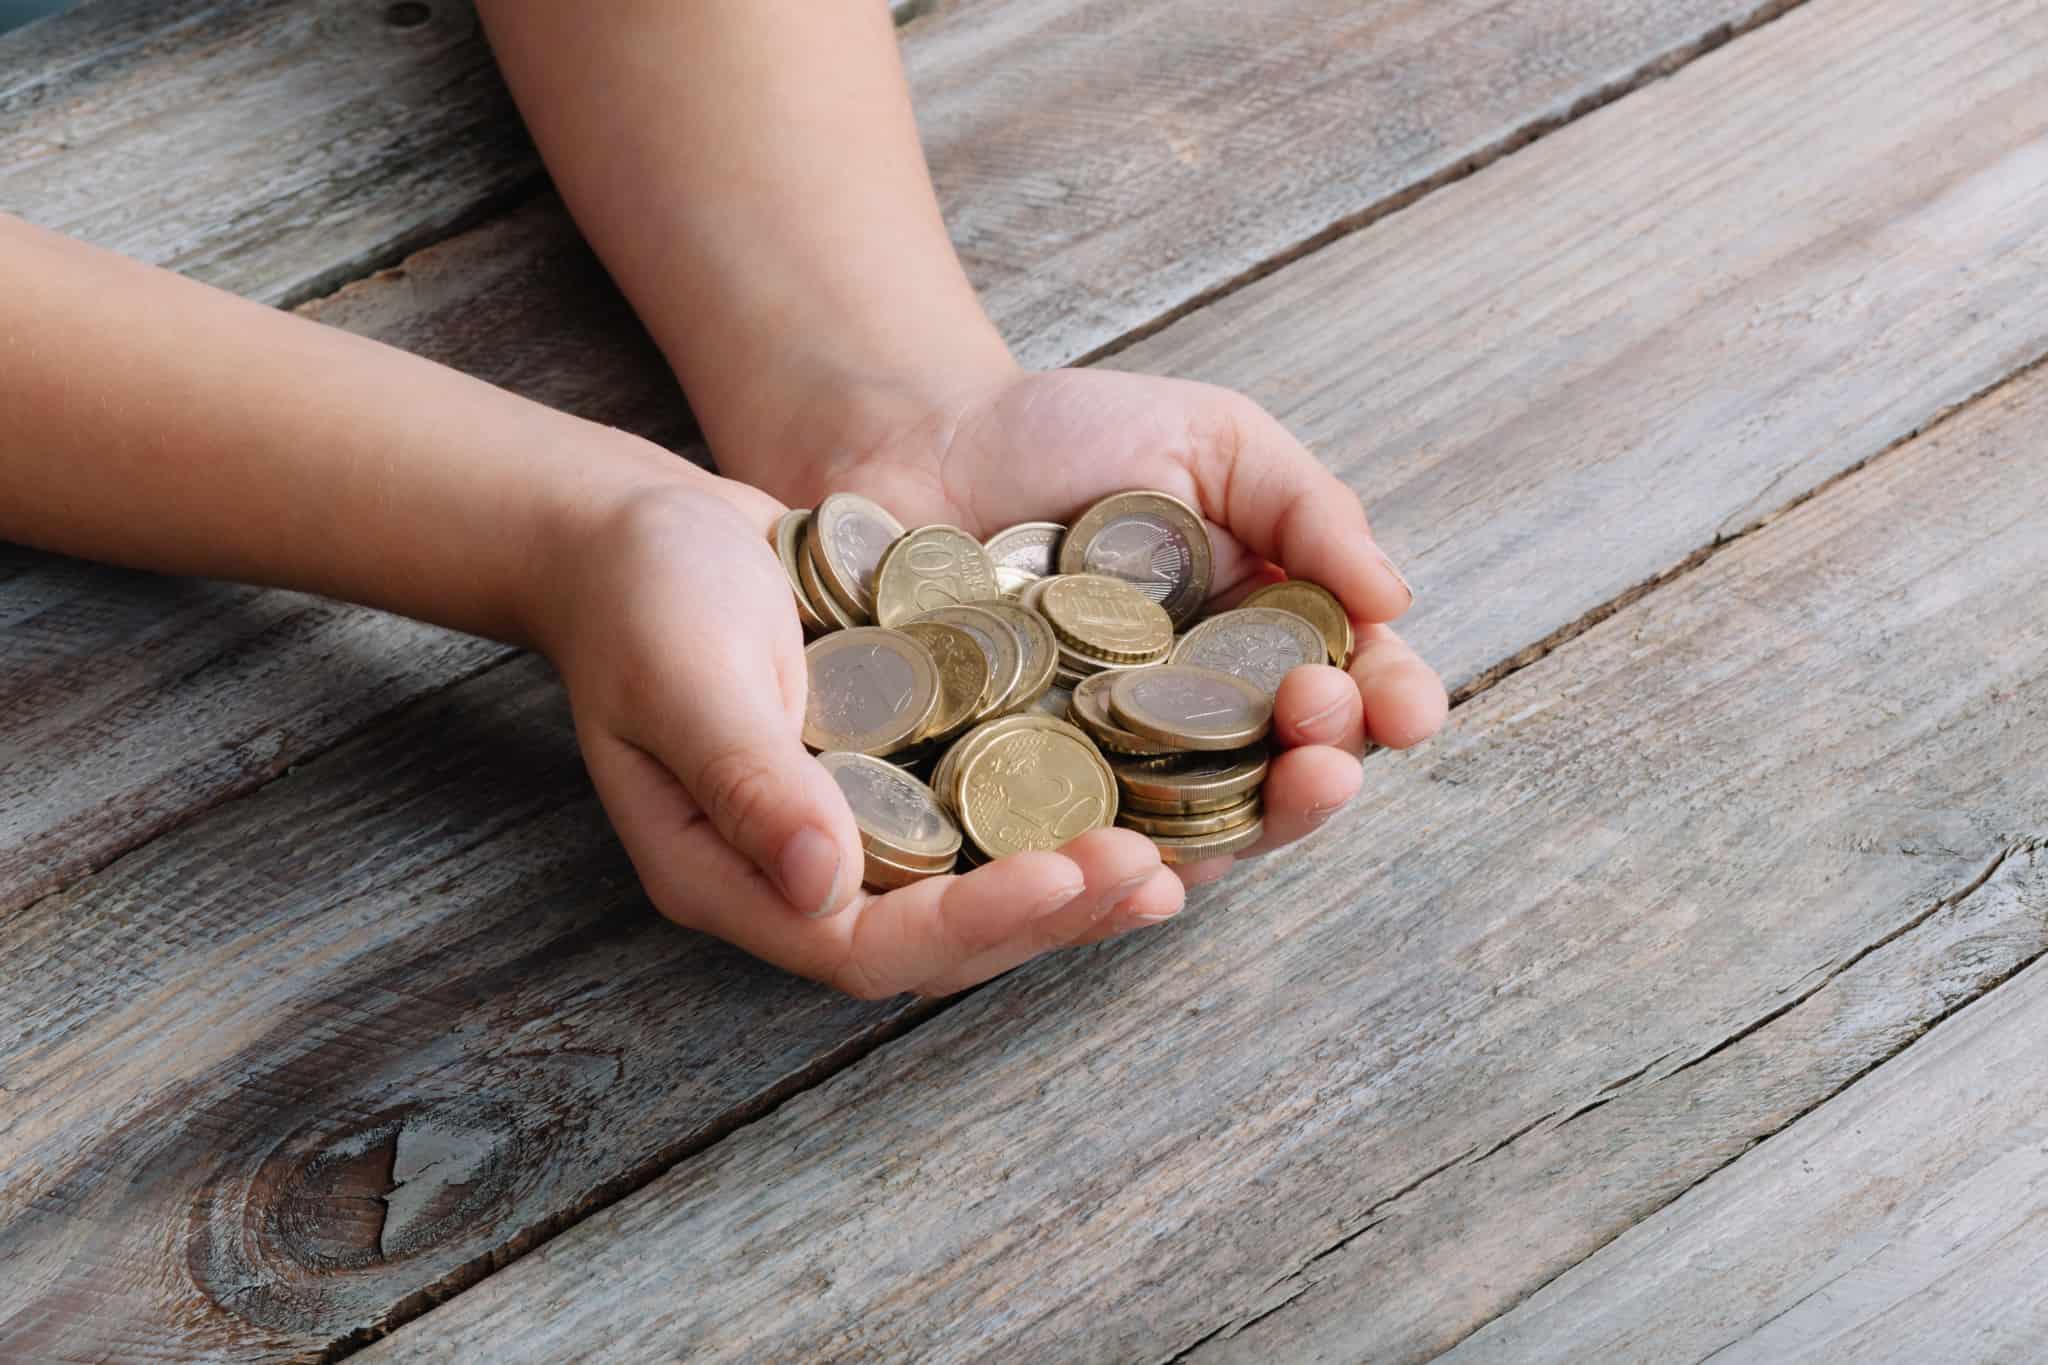 criança com as duas maos cheias de moedas de euro